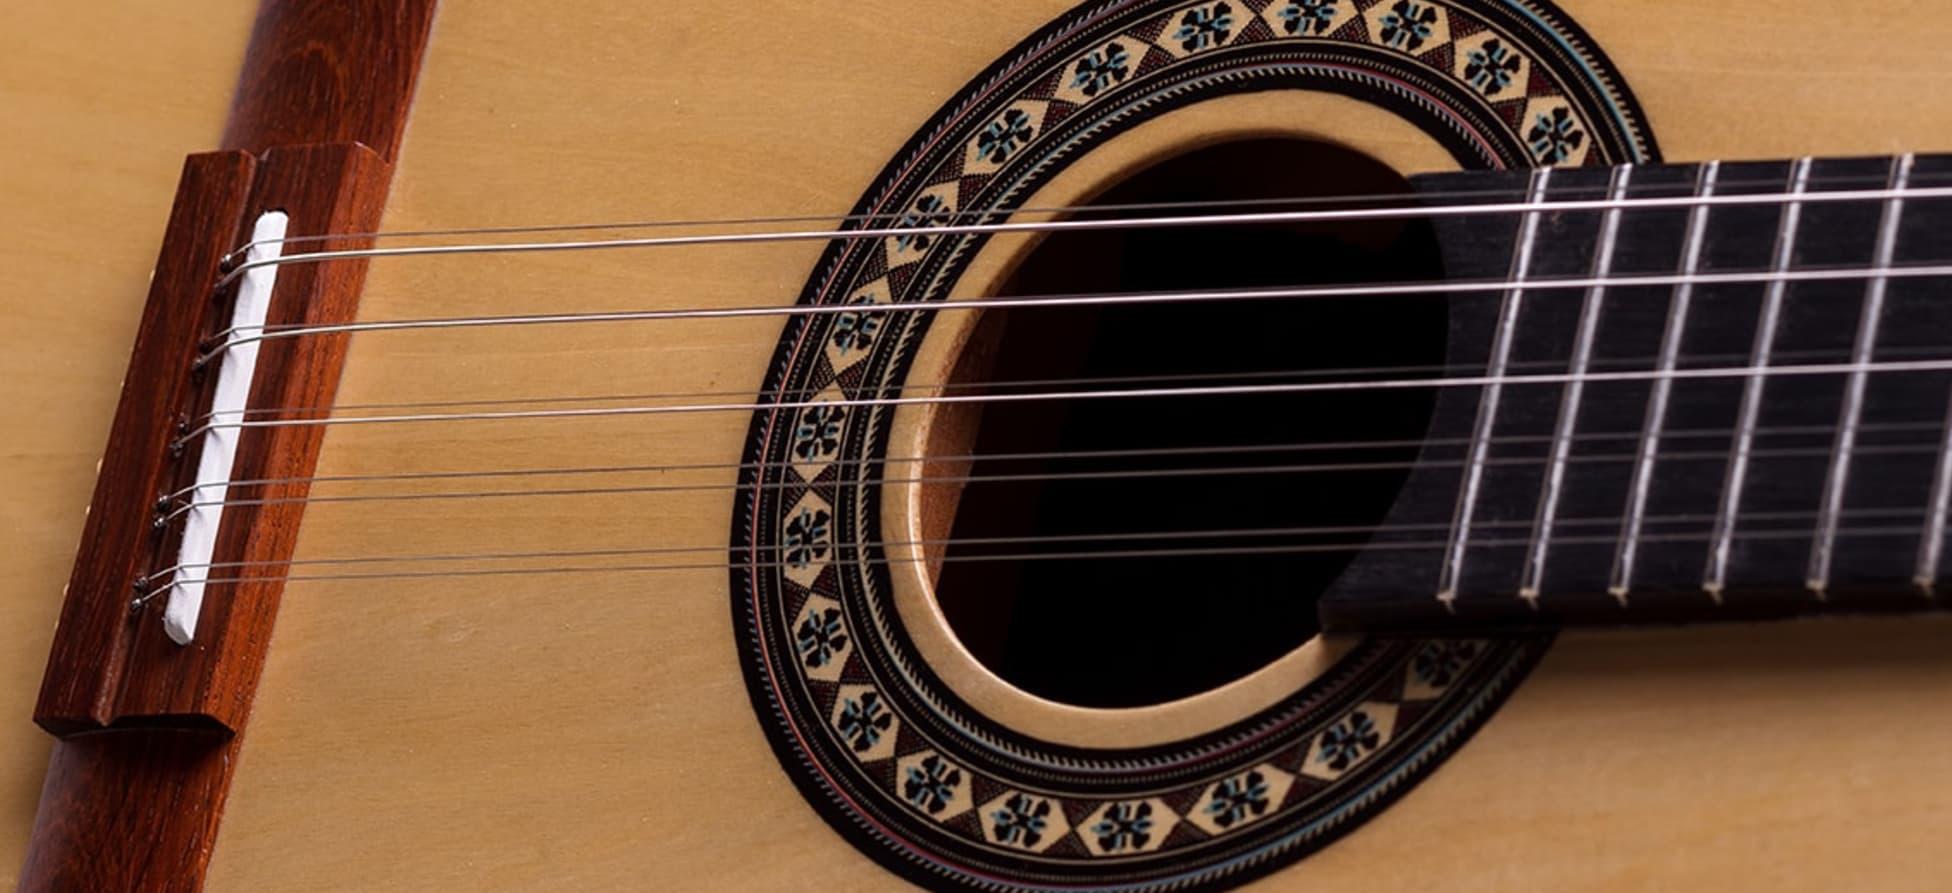 Viola Caipira Acústica Rozini Rv155 Aço Natural Brilhante - Outlet Premium